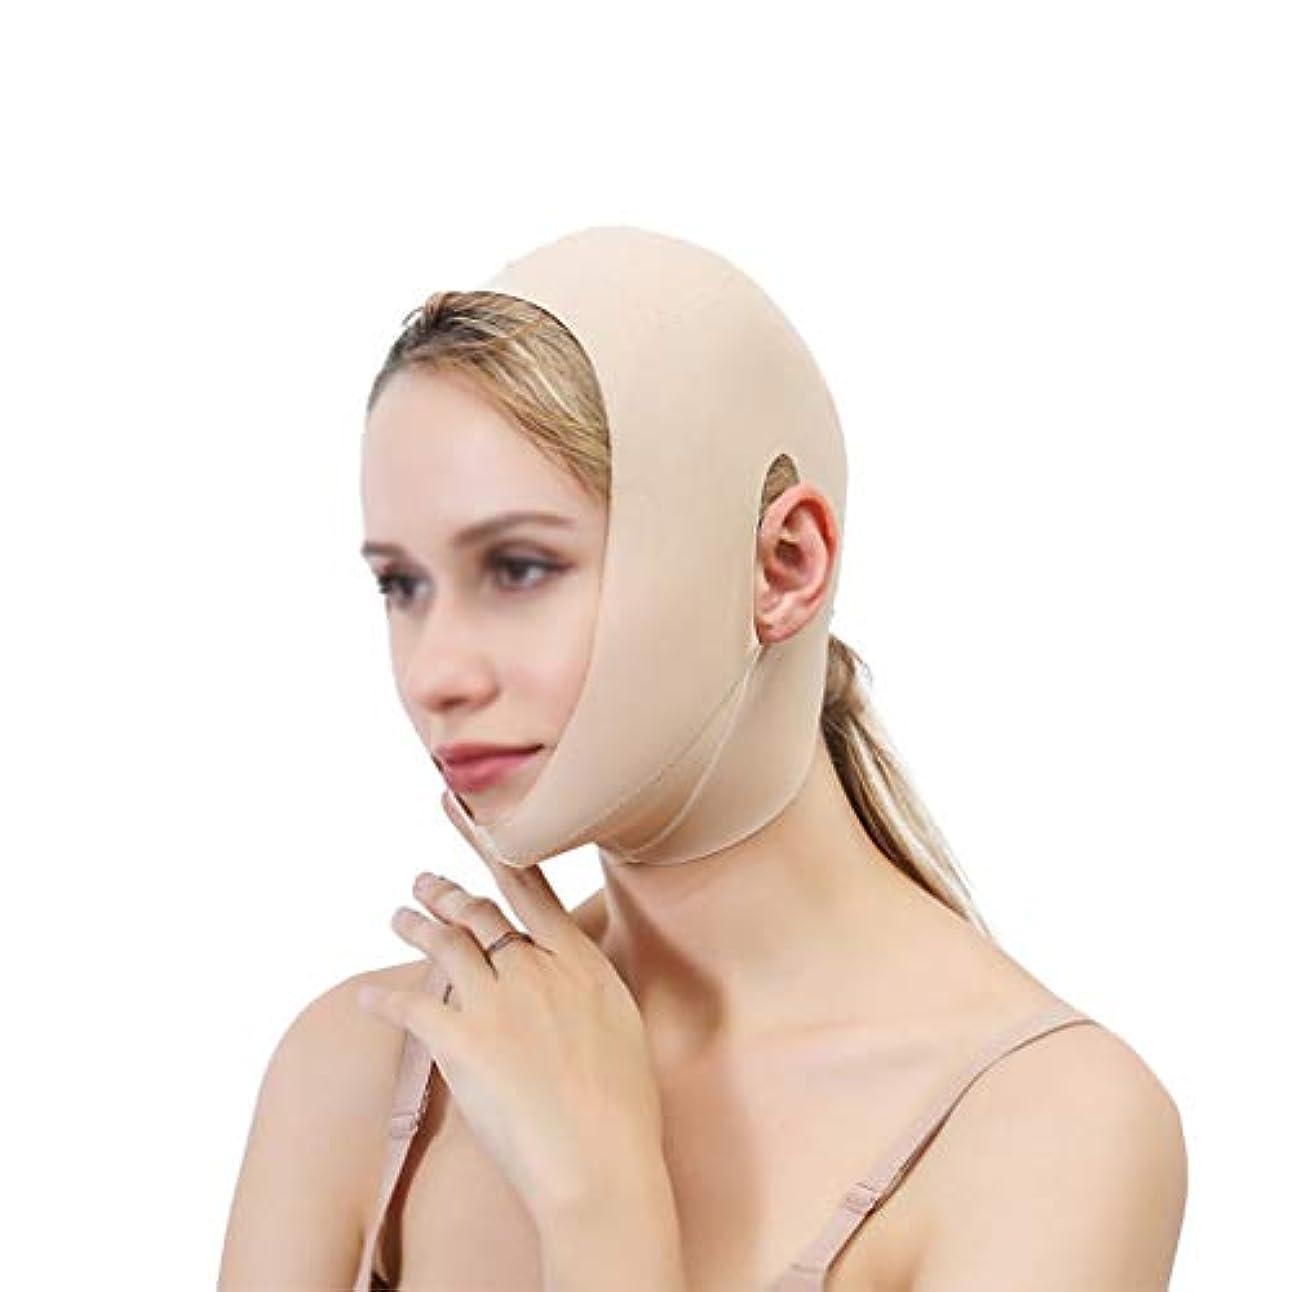 怖がらせるカセットピケフェイスリフティングに適したあご吊りベルト、あご吊りベルト、薄手、通気性、顔面減量